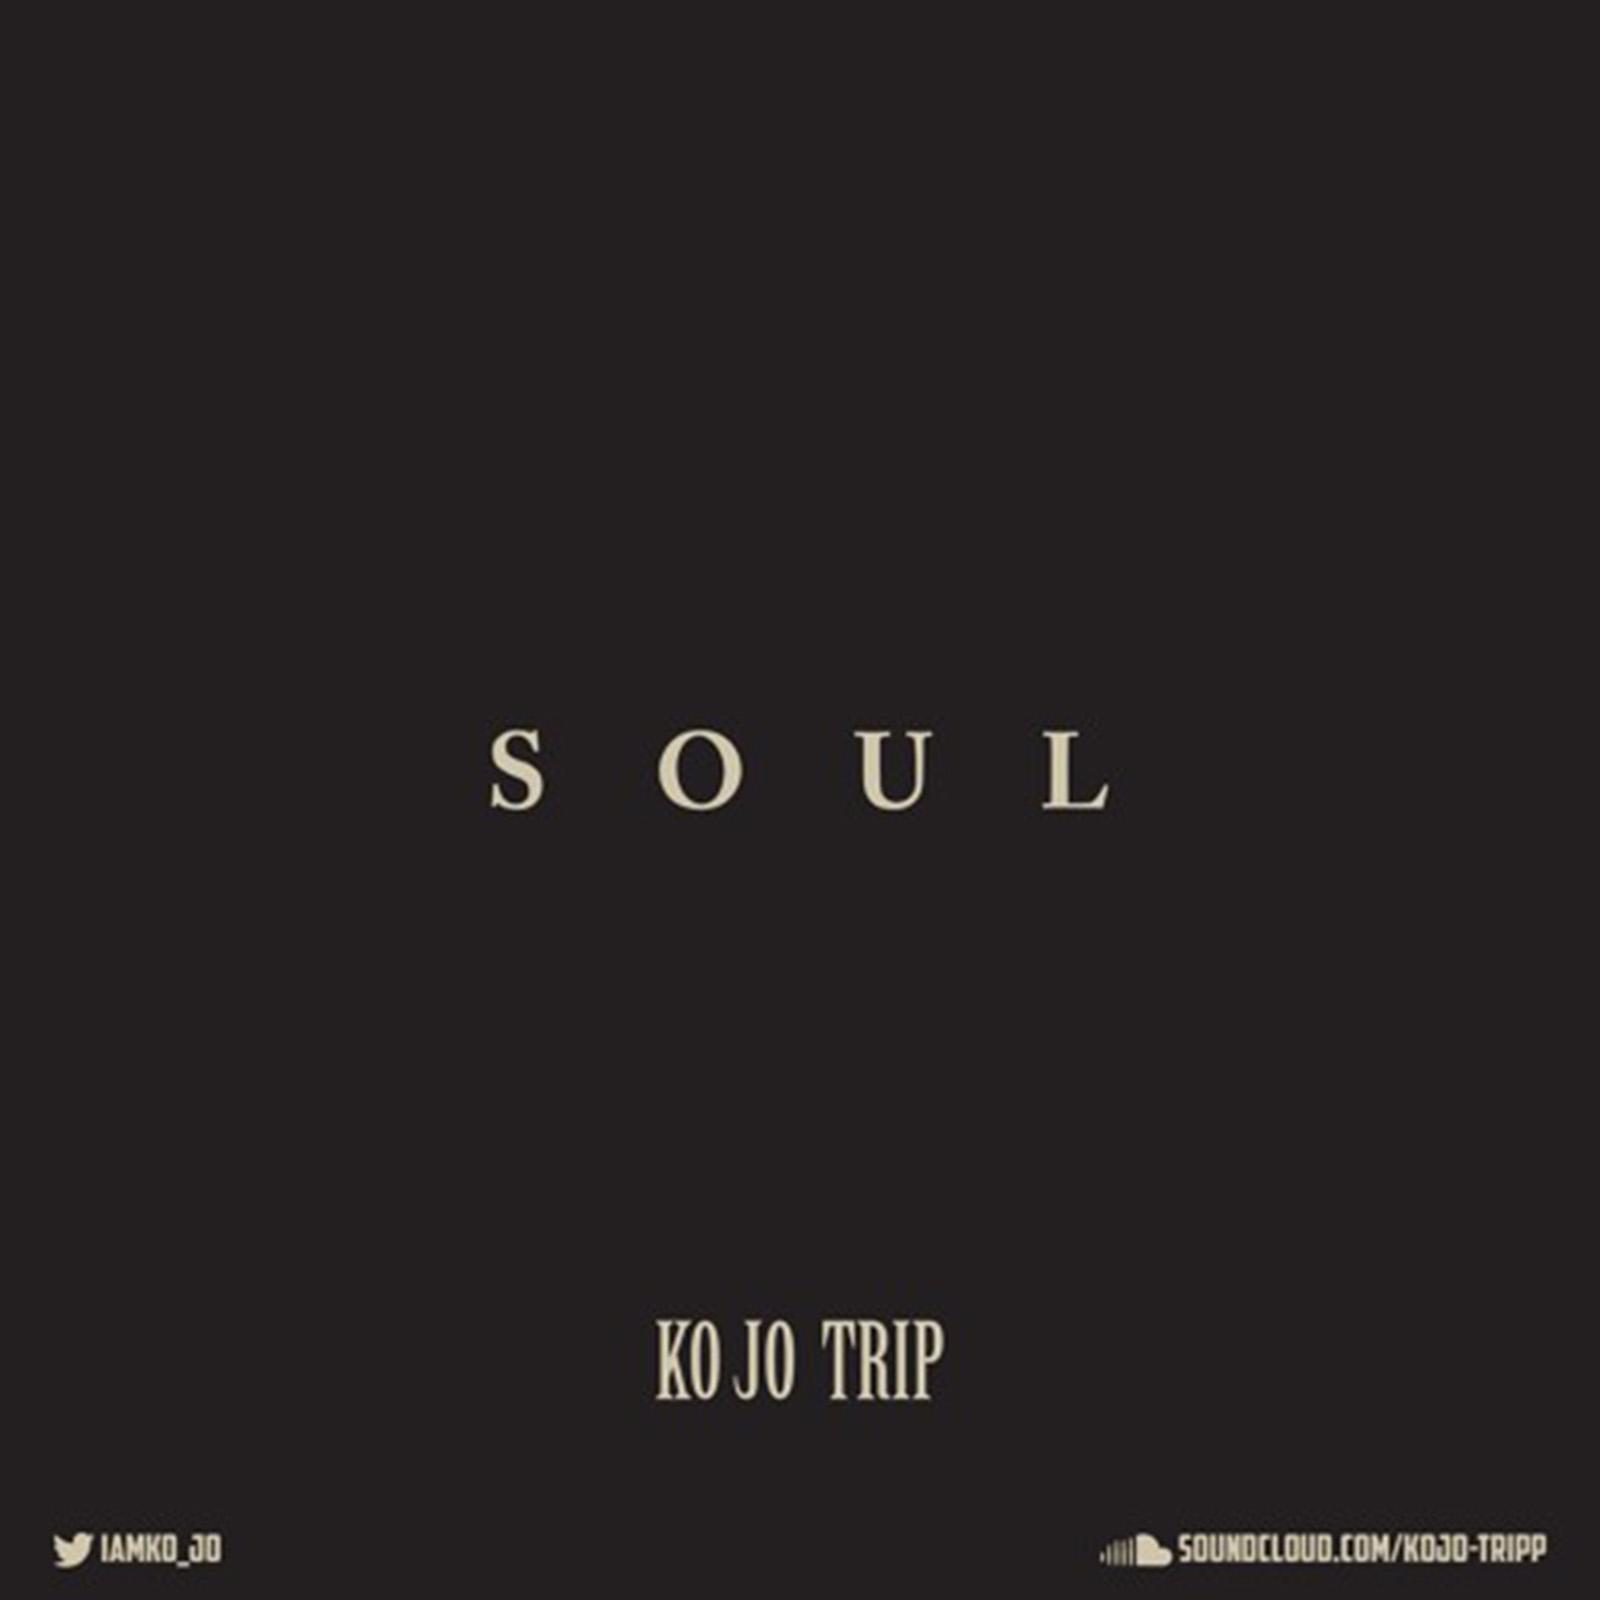 Soul by Ko Jo Trip